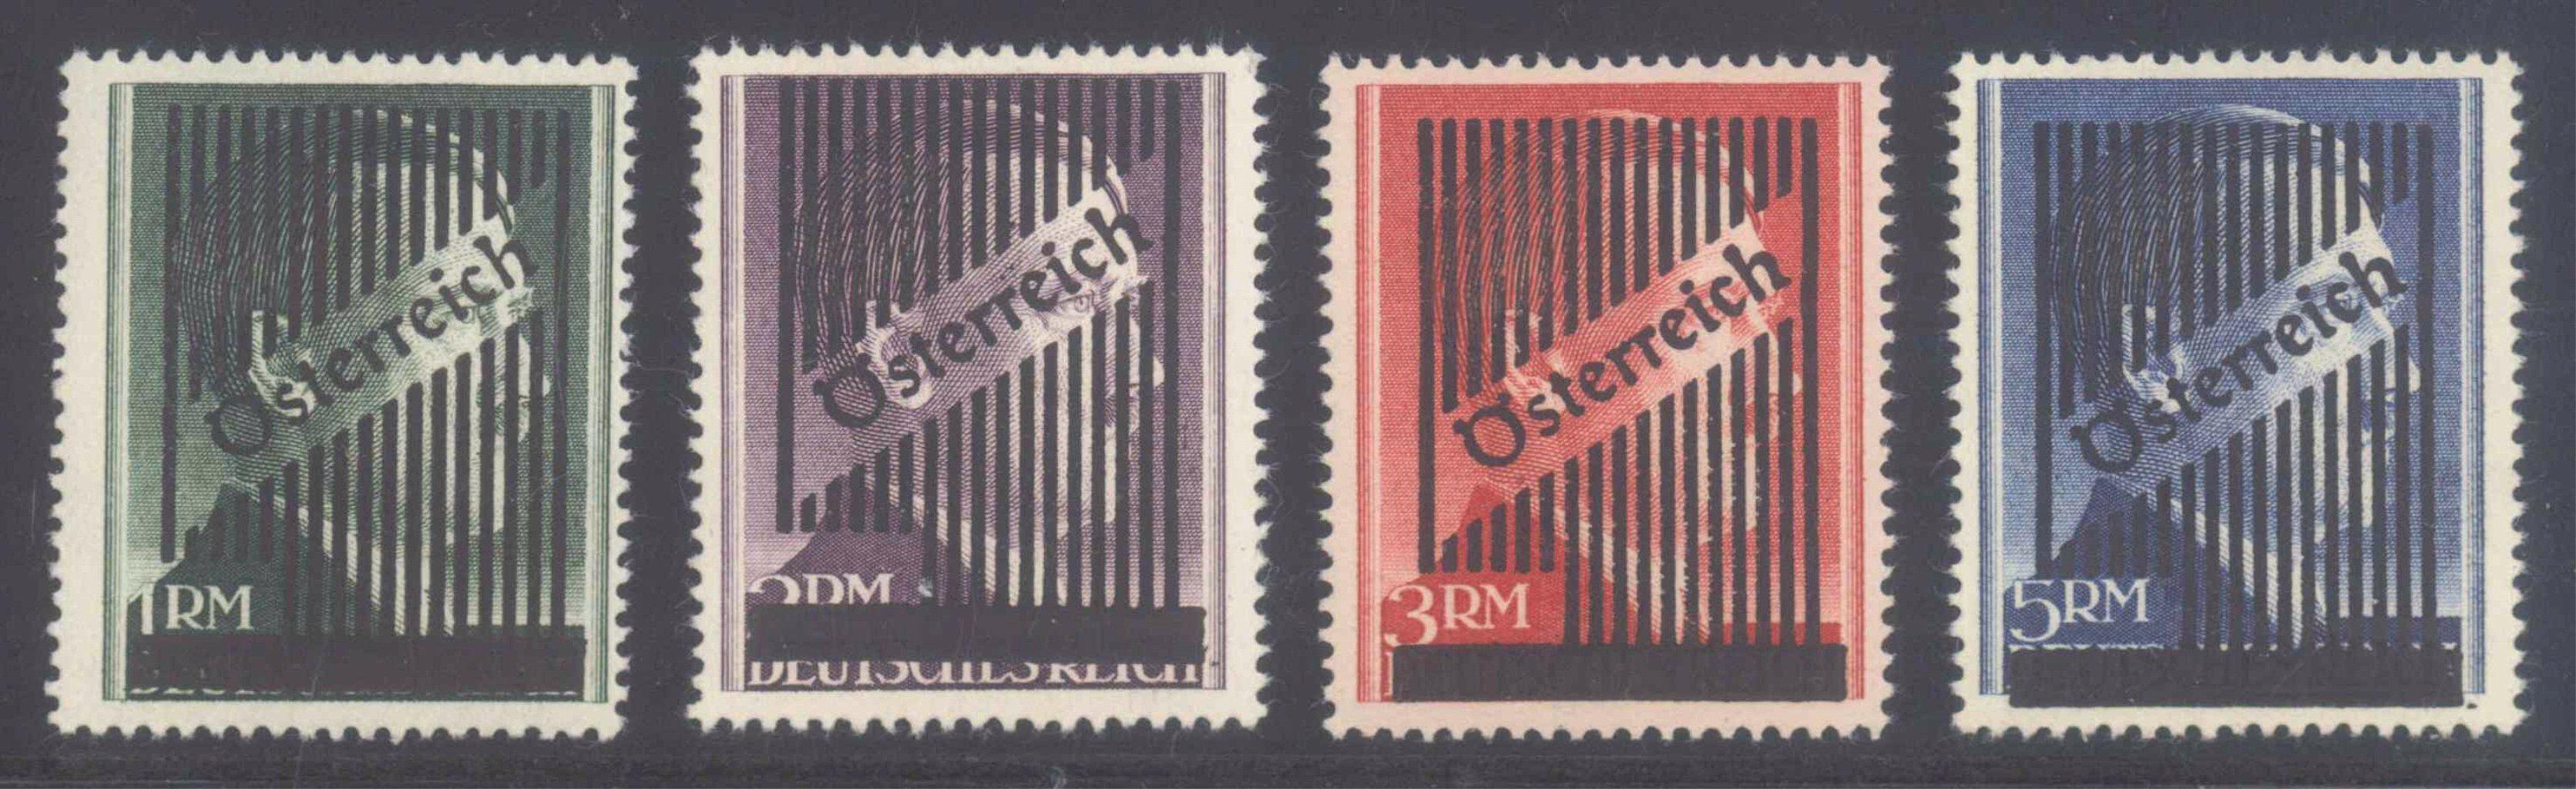 ÖSTERREICH 1945 GITTER – ÜBERDRUCKE auf UNVERAUSGABTEN